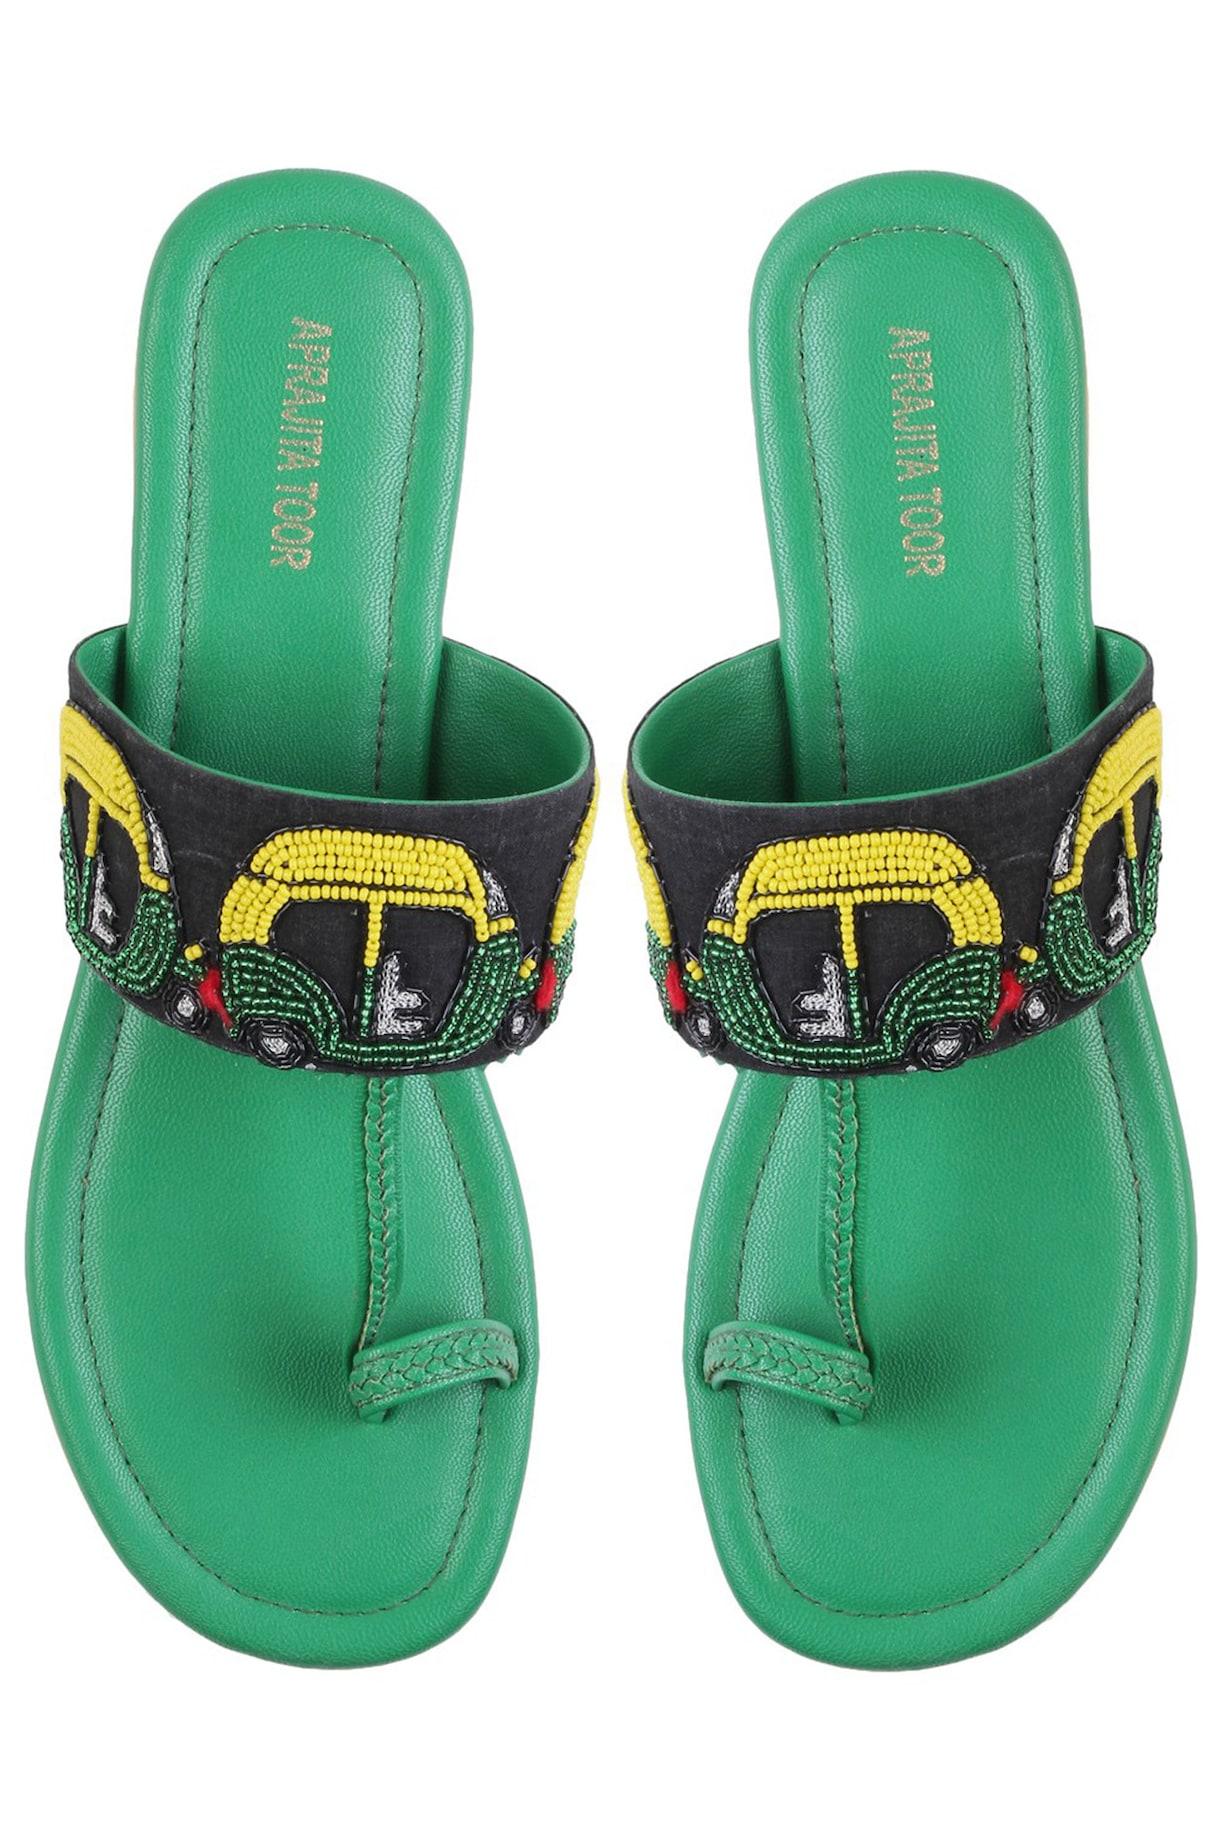 Aprajita Toor Sandals